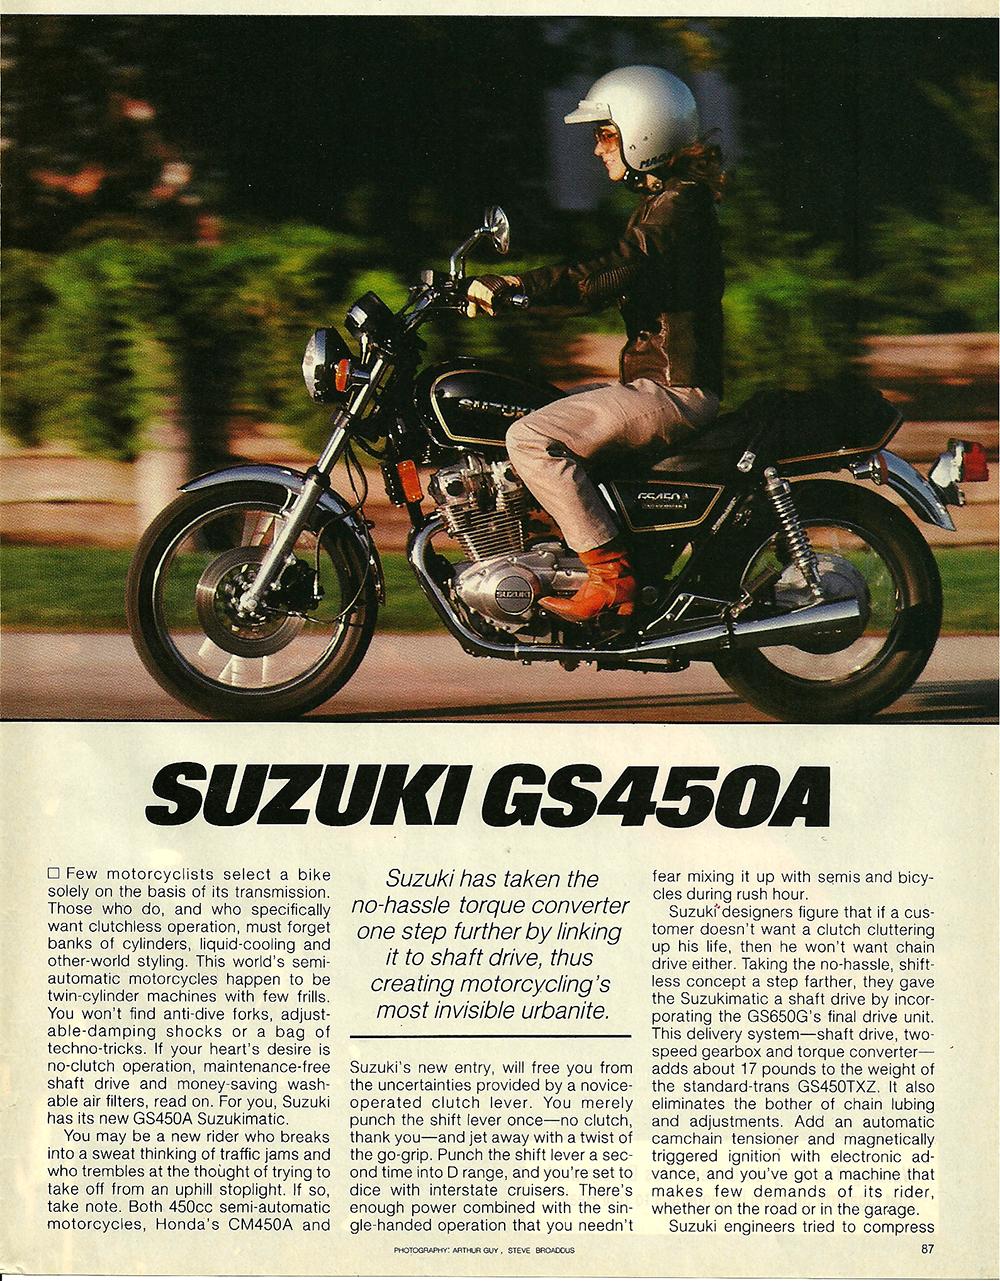 1982 Suzuki GS450A road test 1.jpg